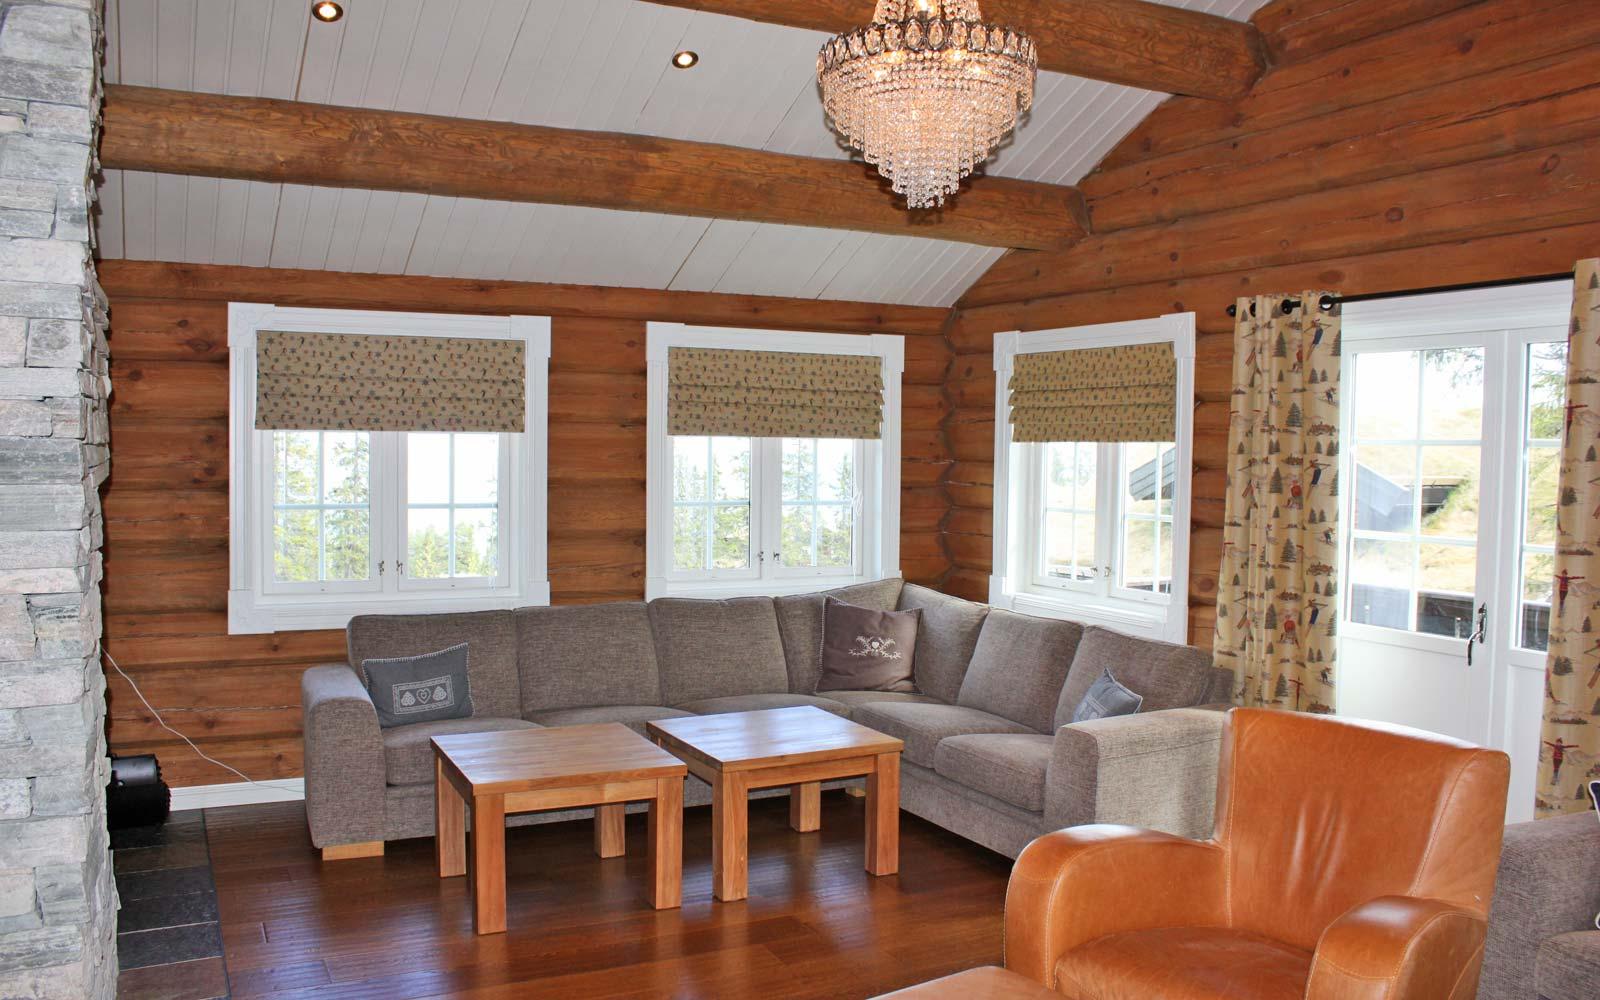 Stue 2 hytte 829 - Sjumilskogen booking Trysil